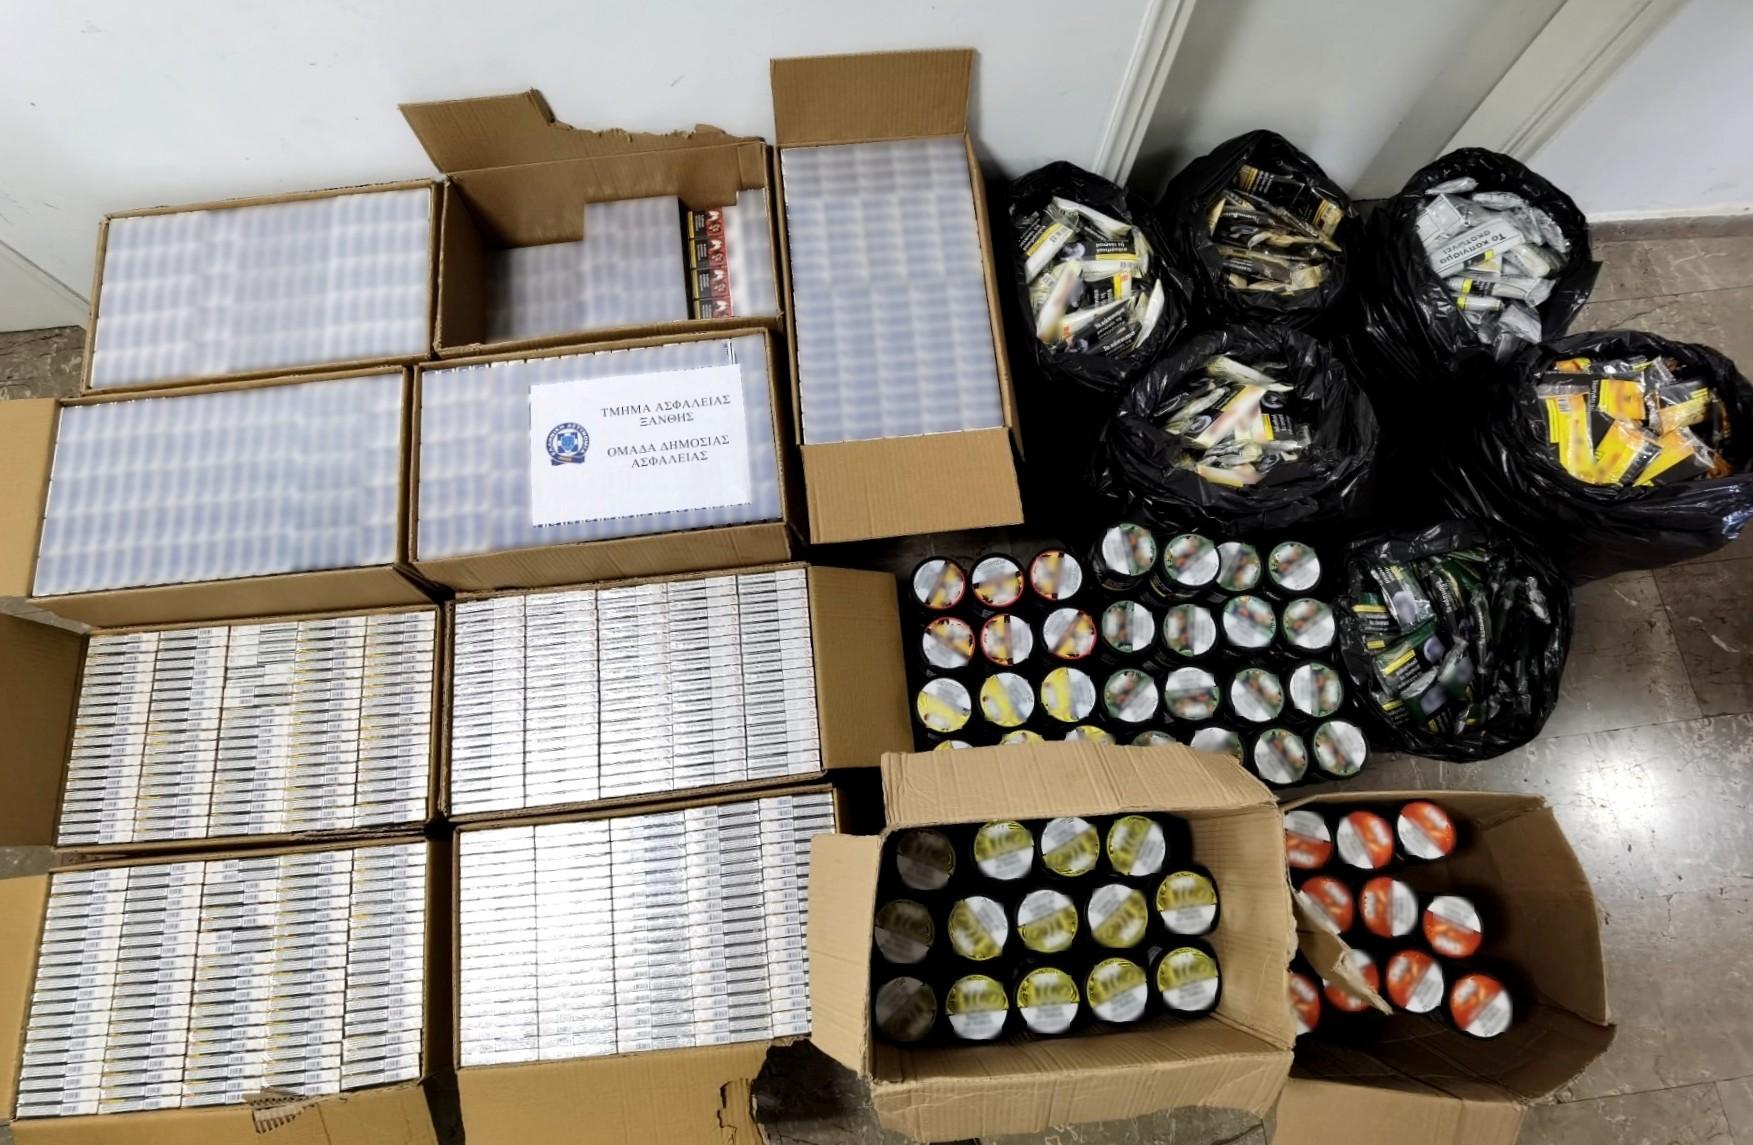 Ξάνθη: Γέμισαν την αποθήκη με χιλιάδες λαθραία τσιγάρα και καπνό